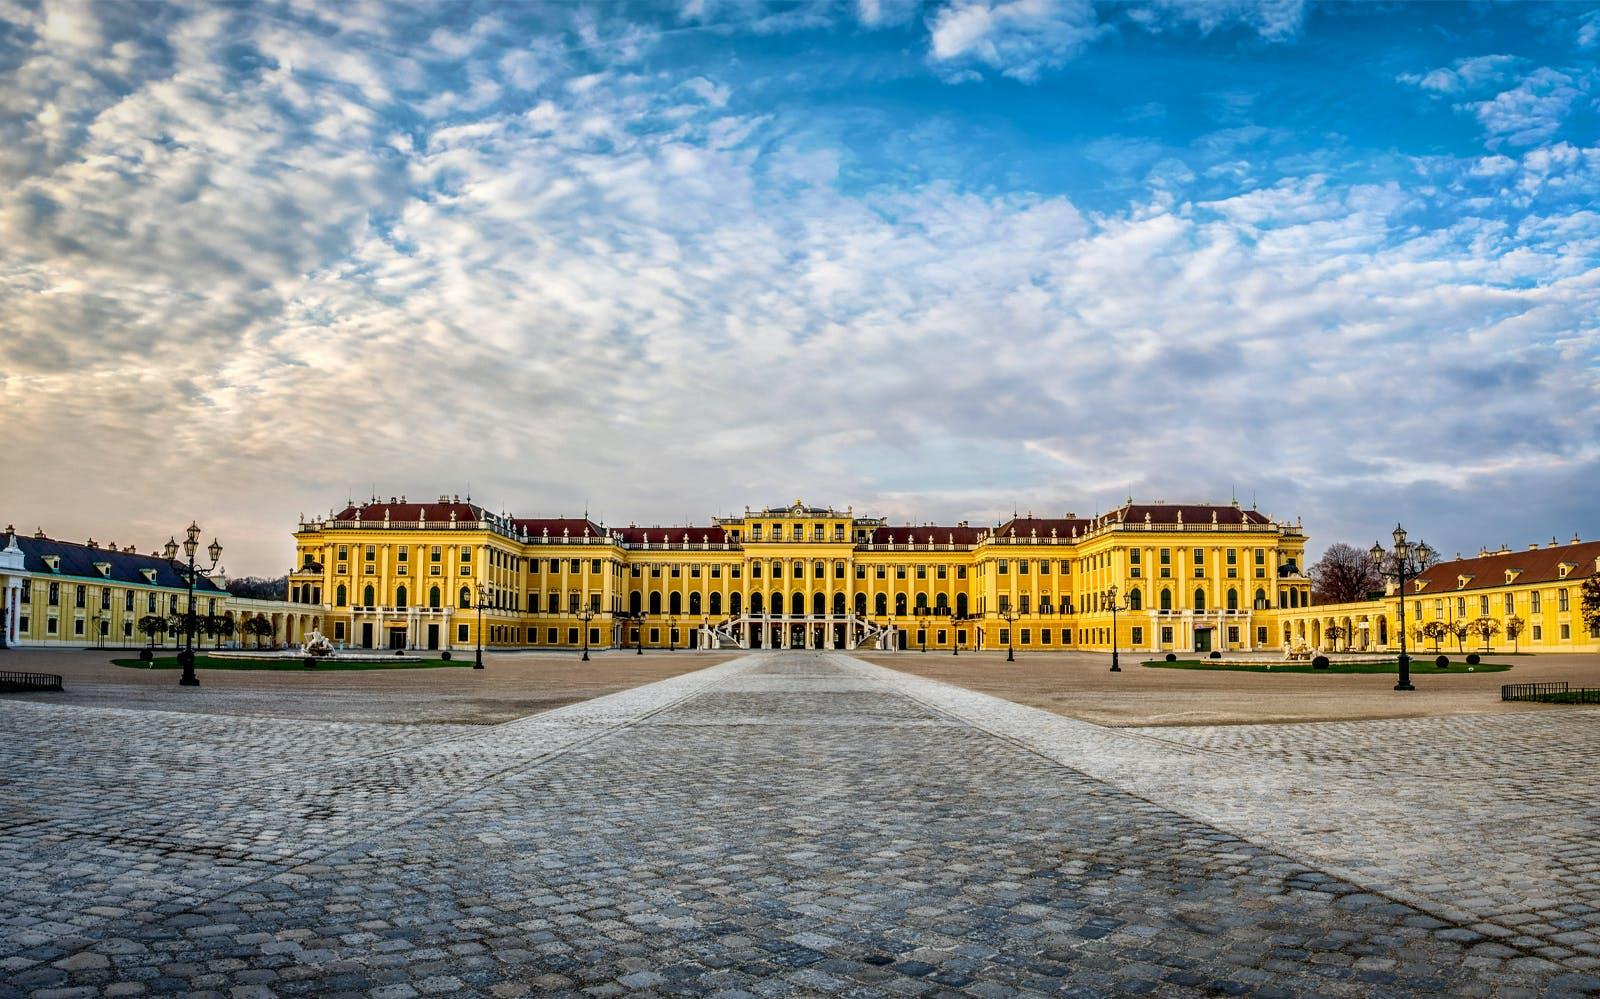 Palace of Versailles Entrances